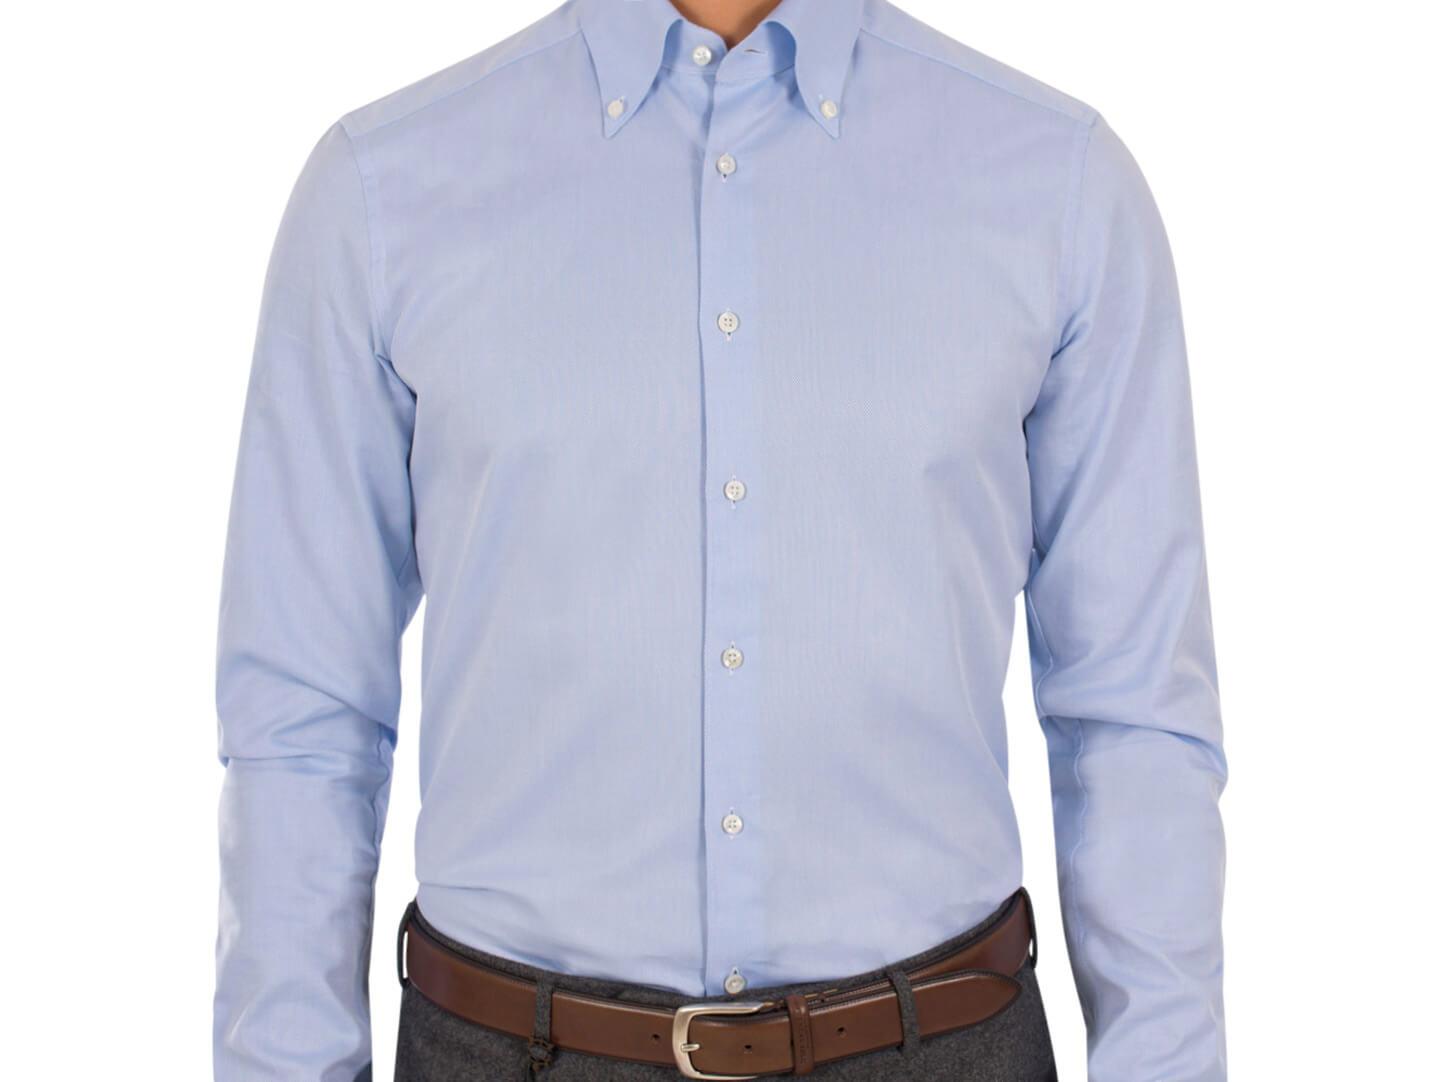 92366bdf0606 Hur ska en skjorta sitta? | Uppdaterad 2018-04-24